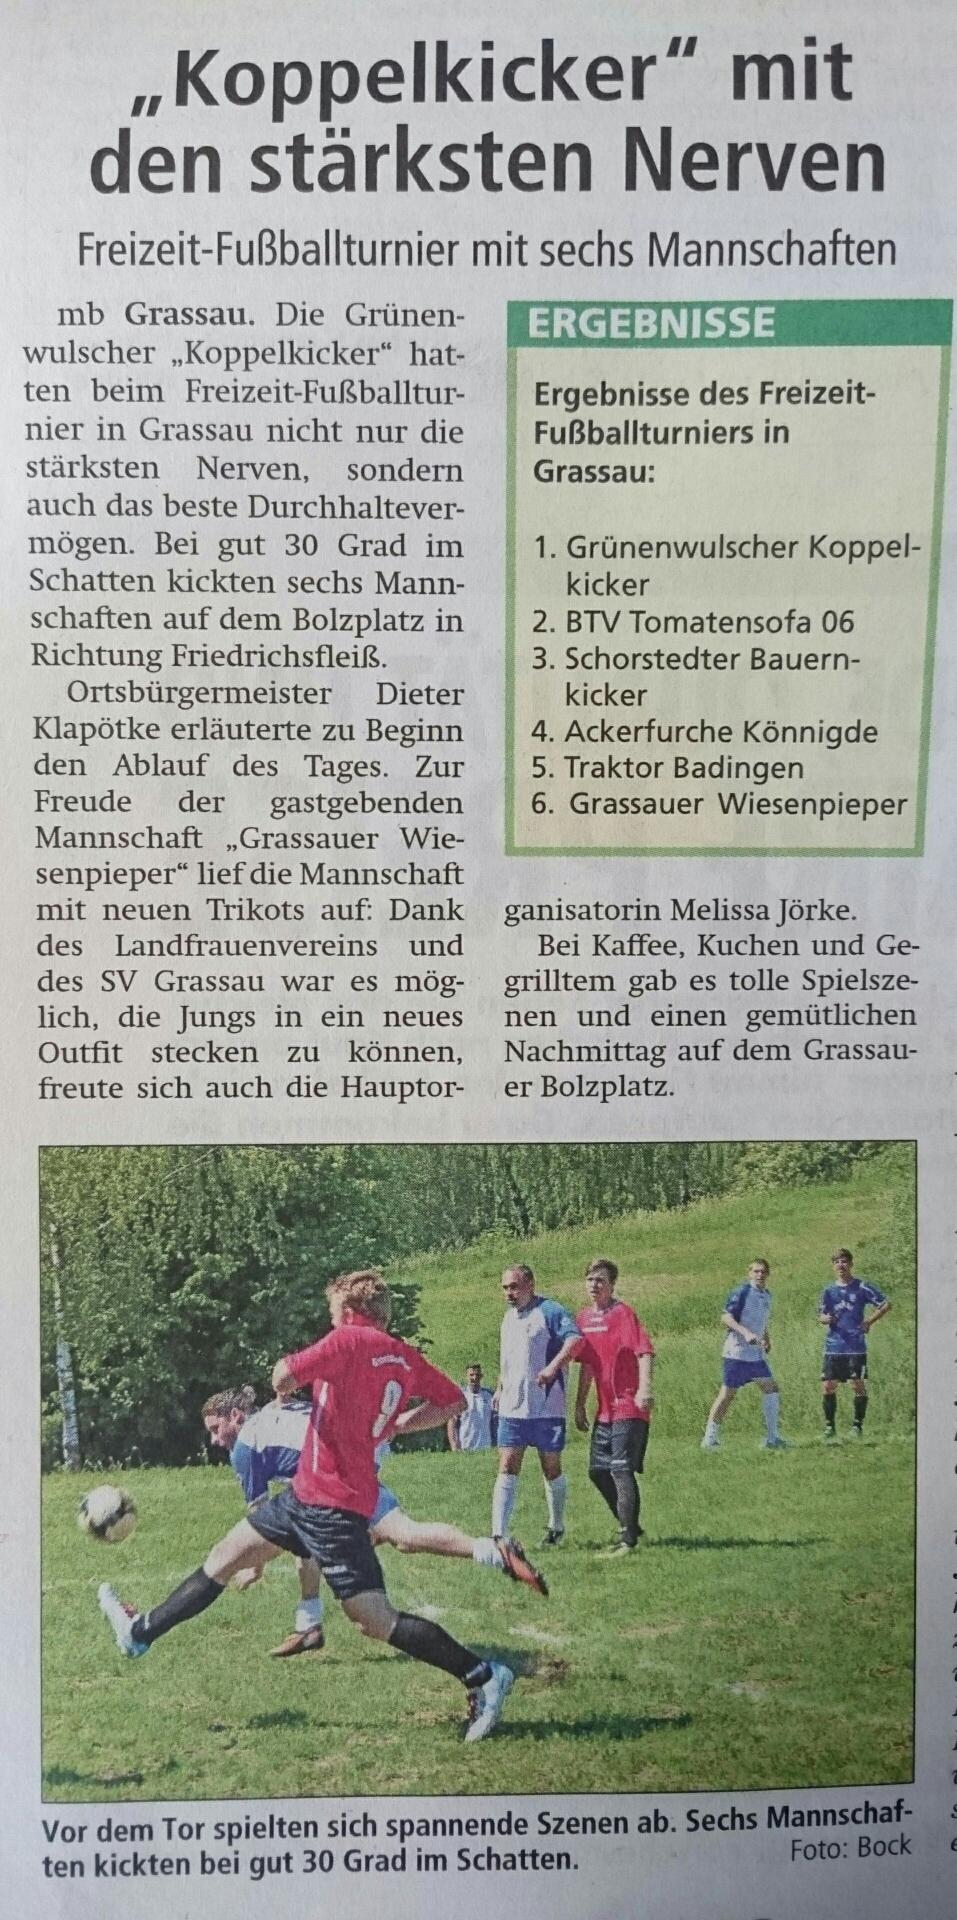 Altmark-Zeitung vom 11.06.2016, von Maik Bock